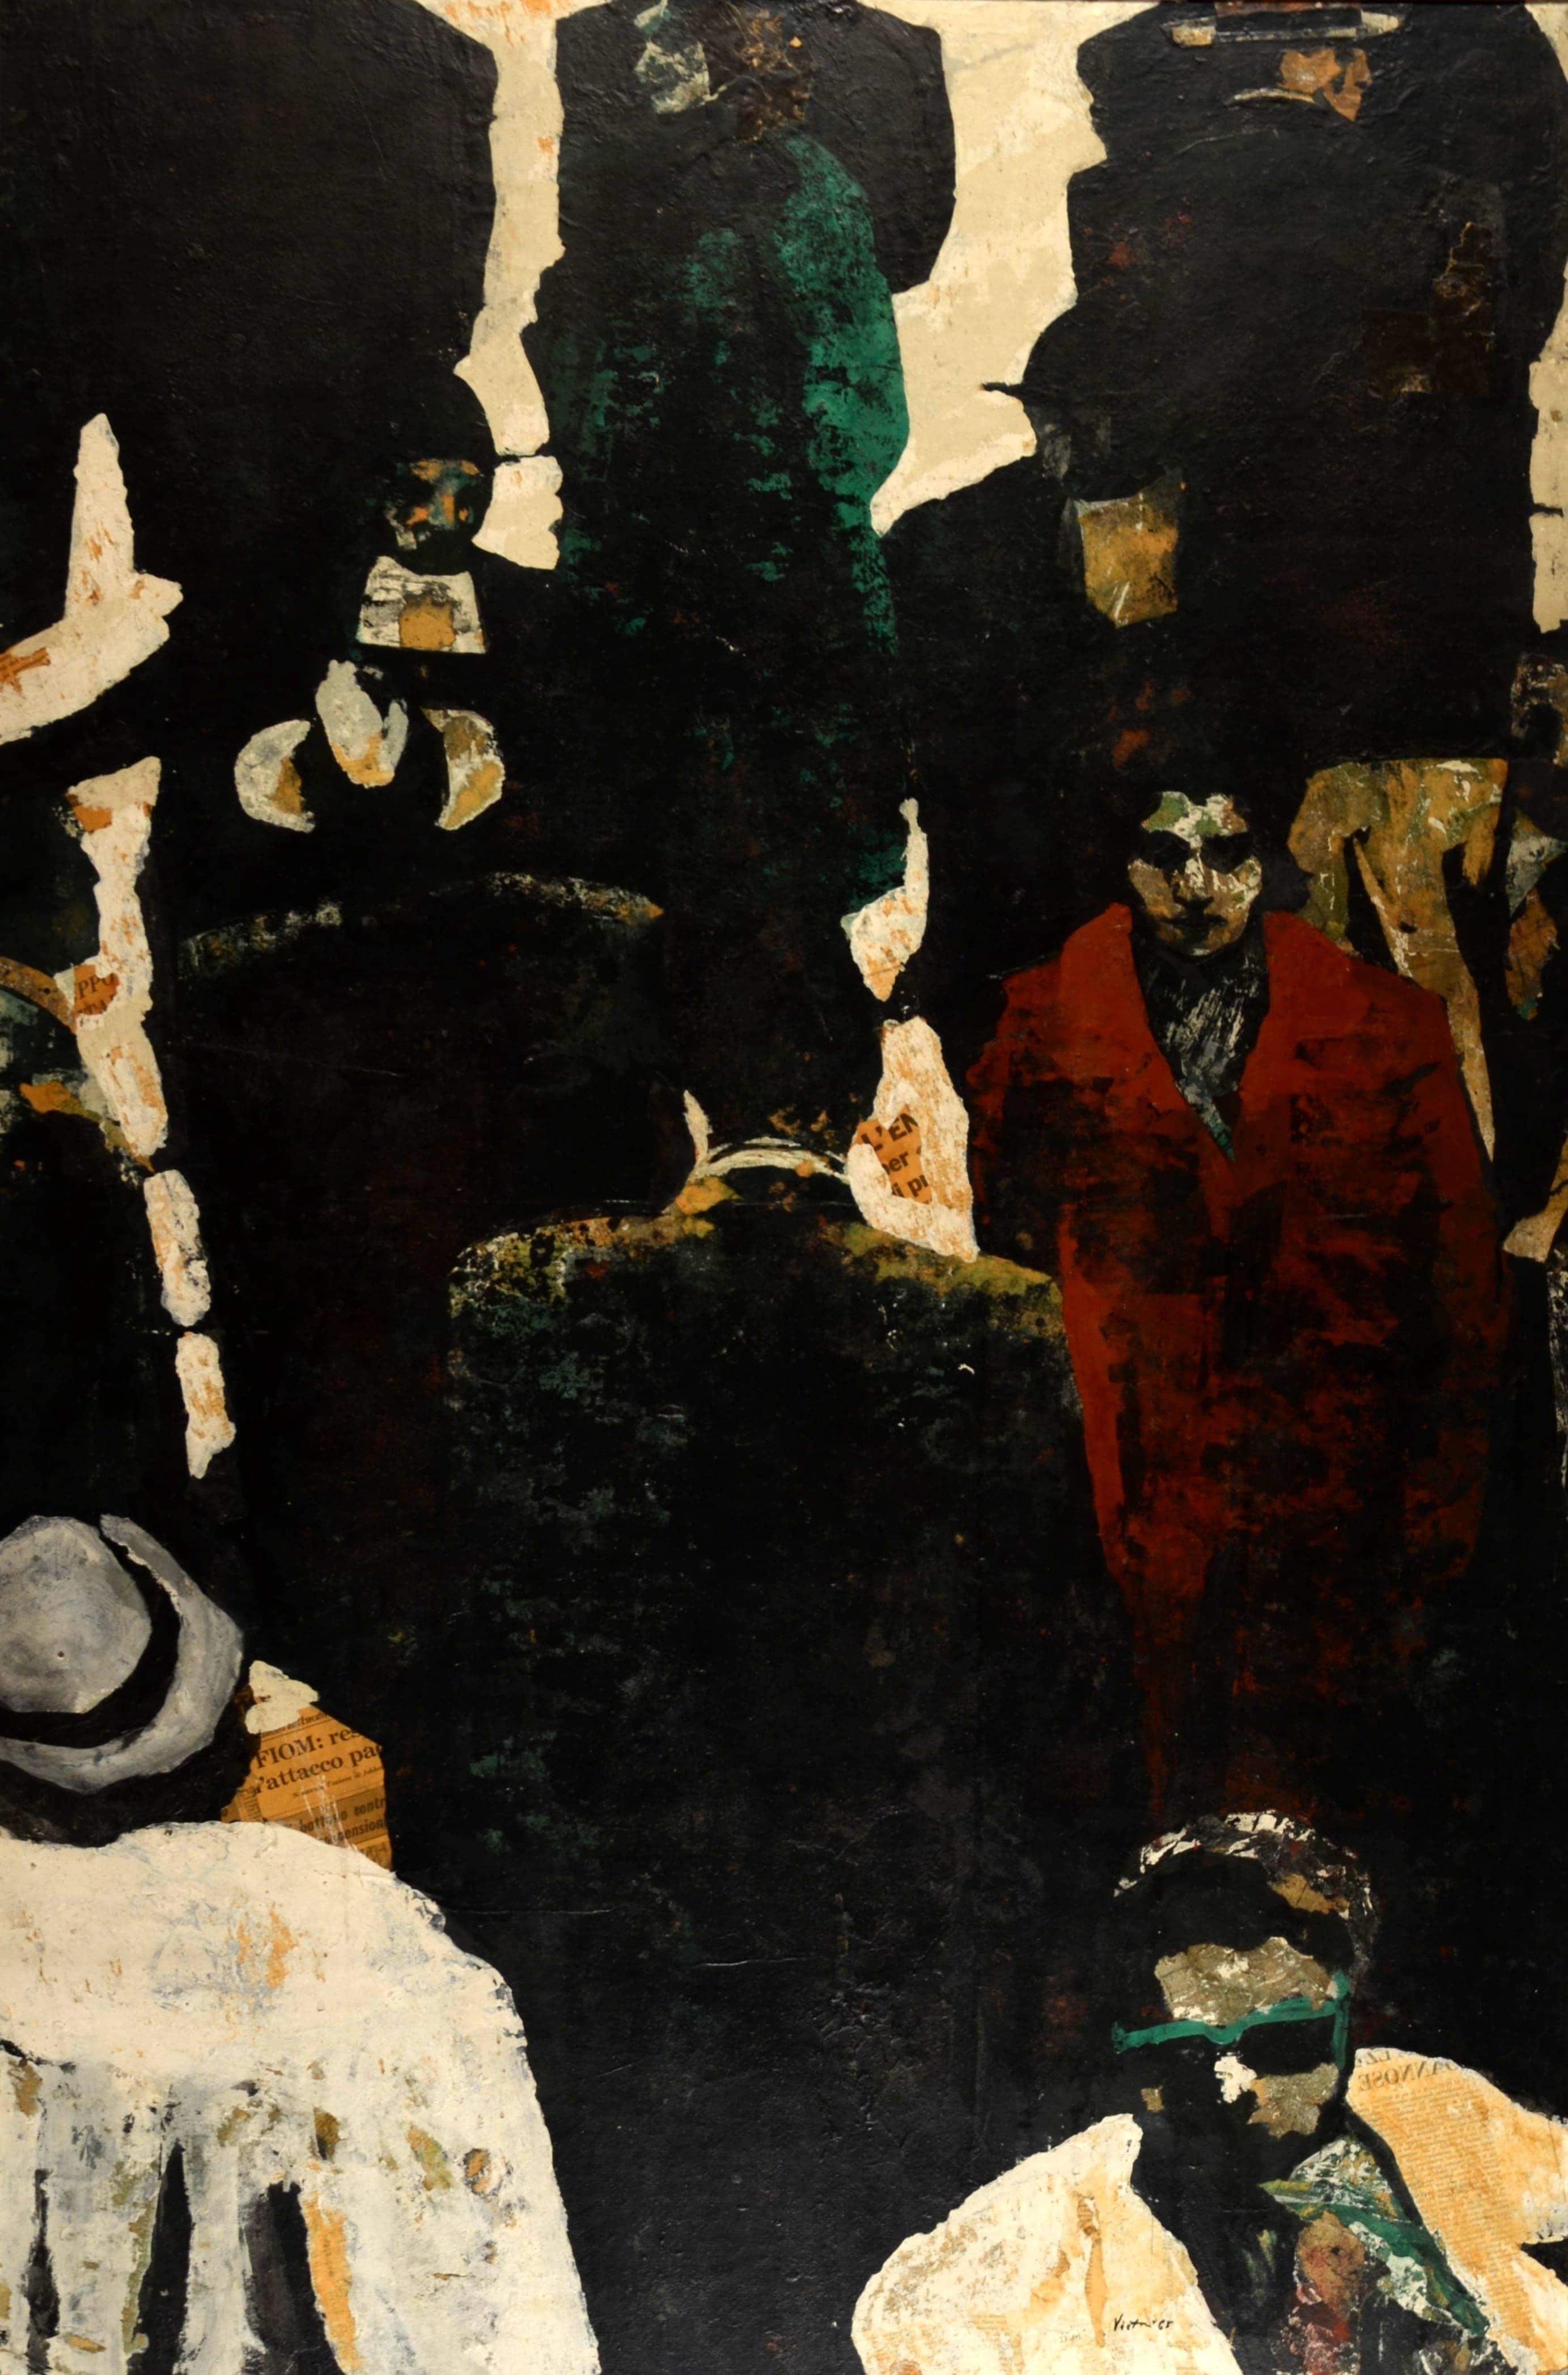 La folla, 1965, tecnica mista su legno, cm 148 x 98-2